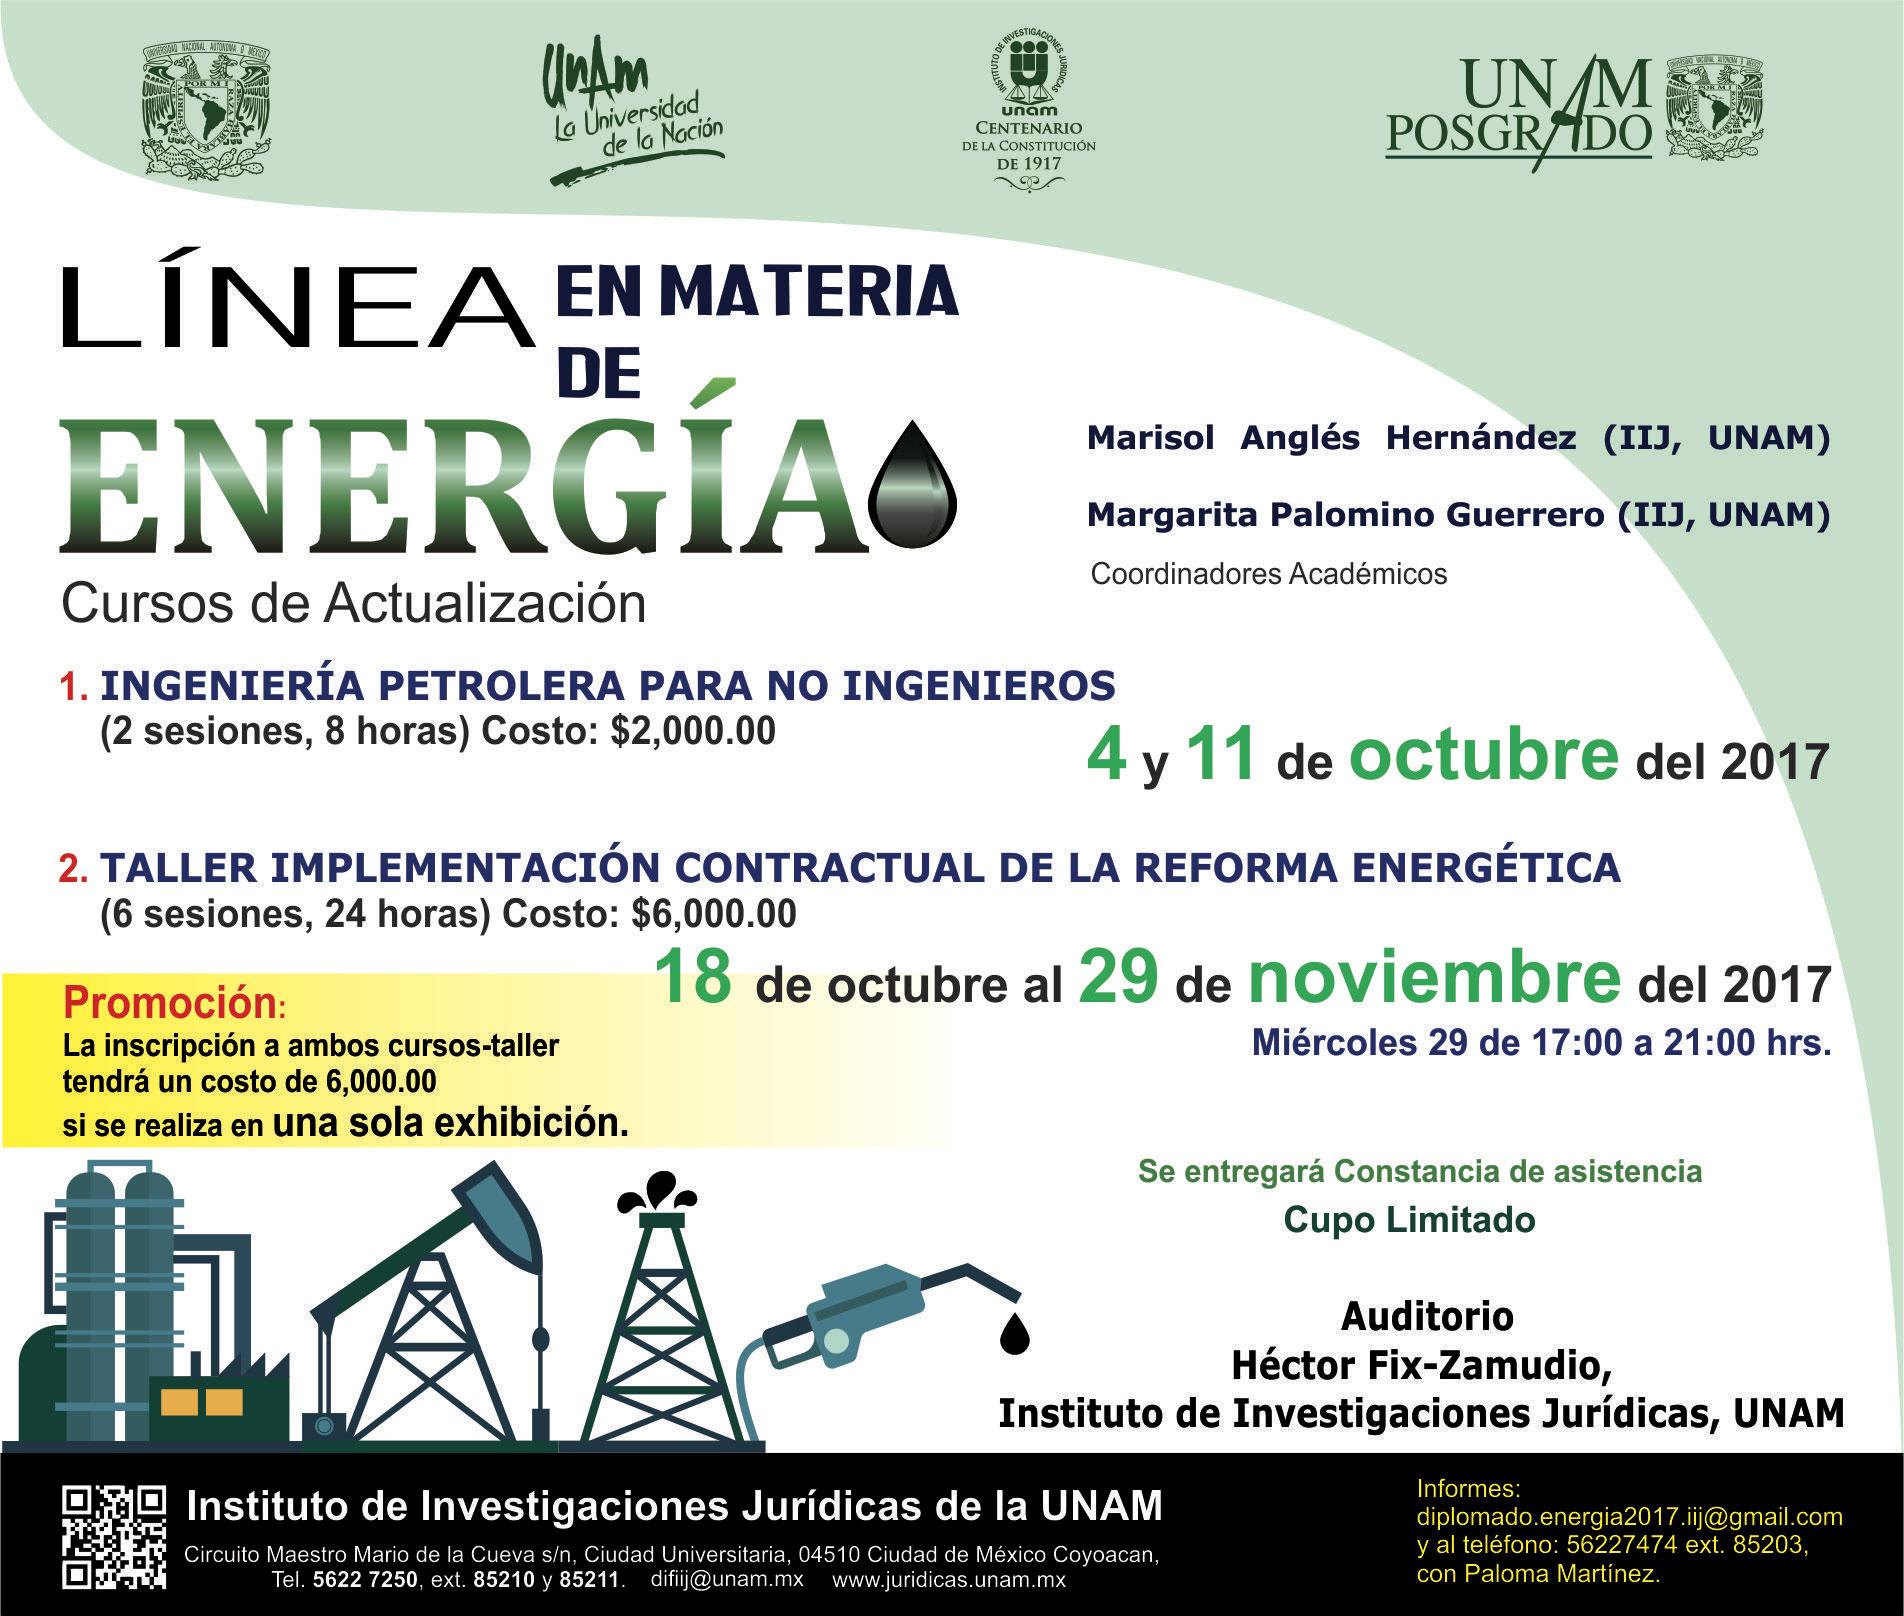 Curso-taller de Implementación contractual de la Reforma Energética